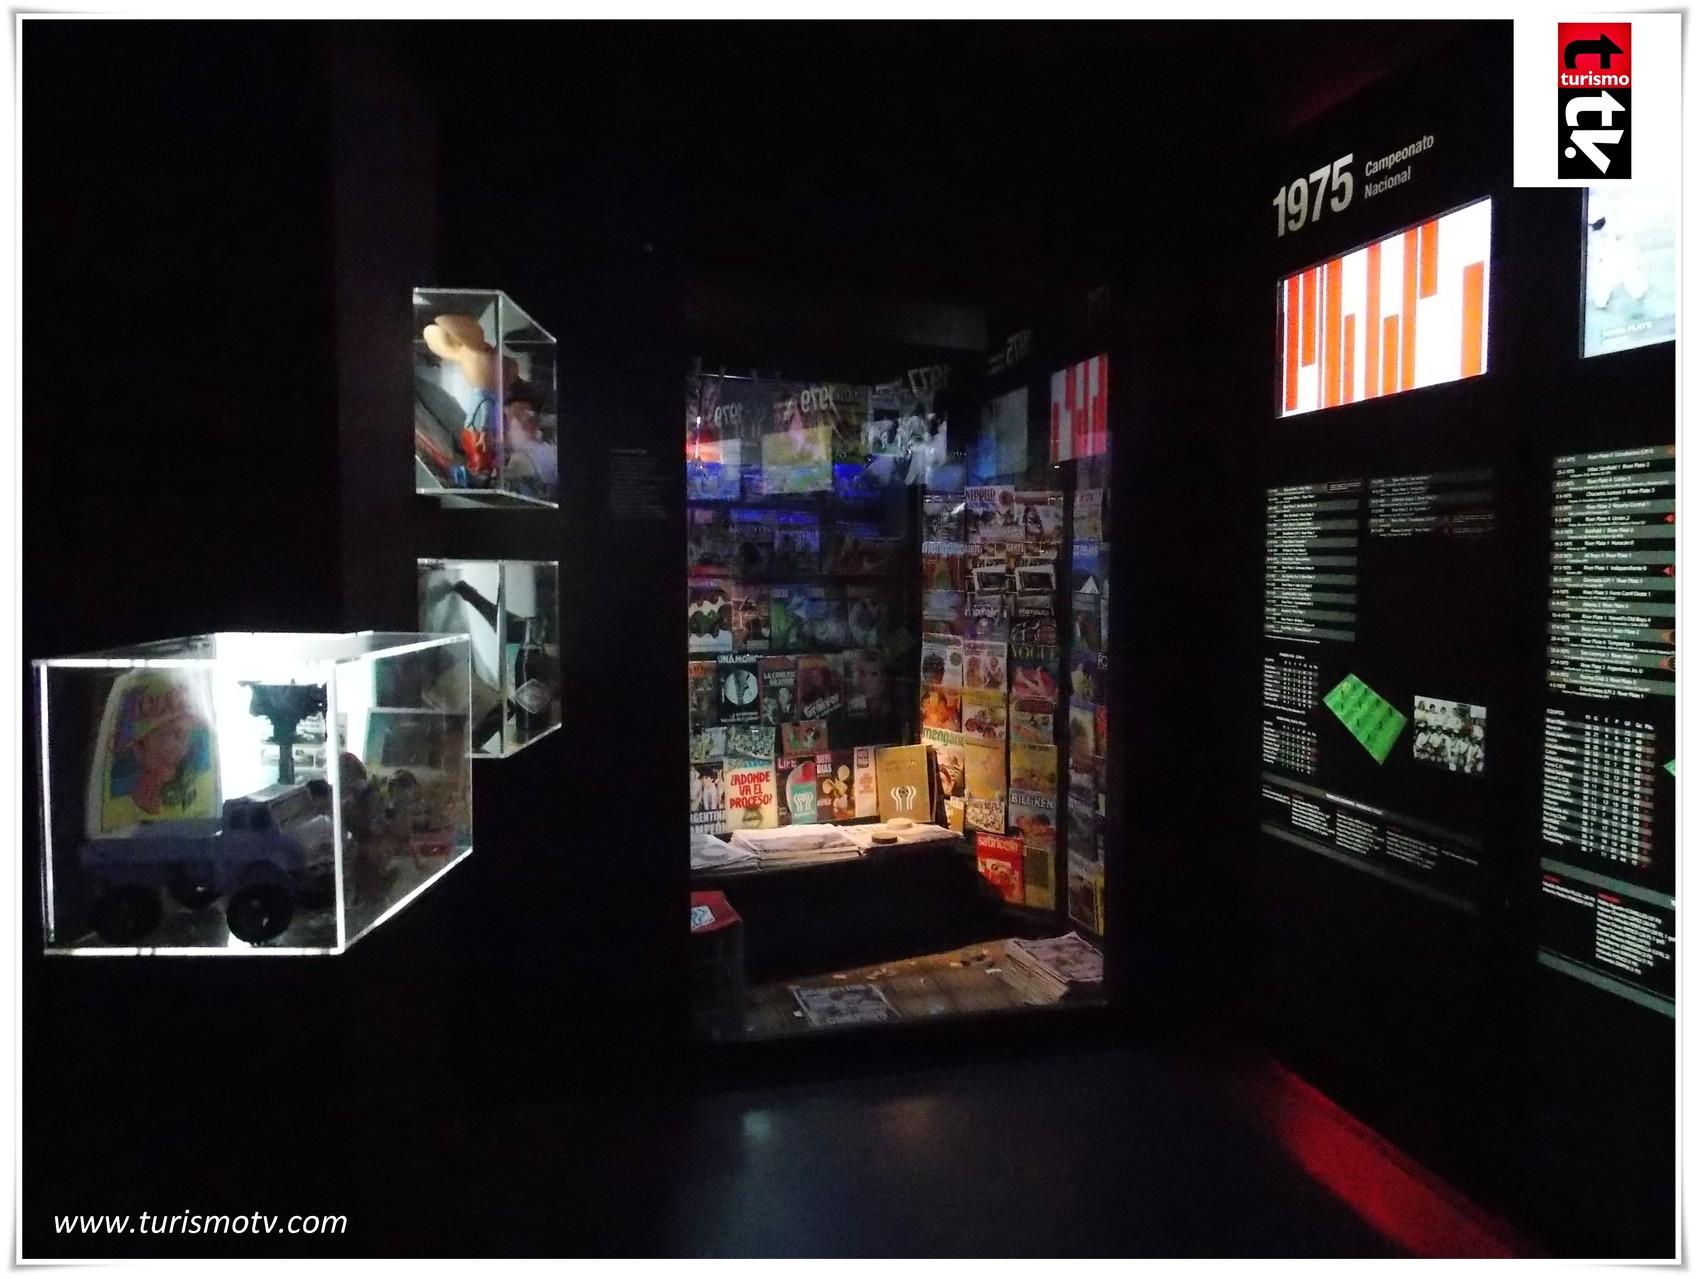 Museo de River en Turismo Tv, Televisión Turística